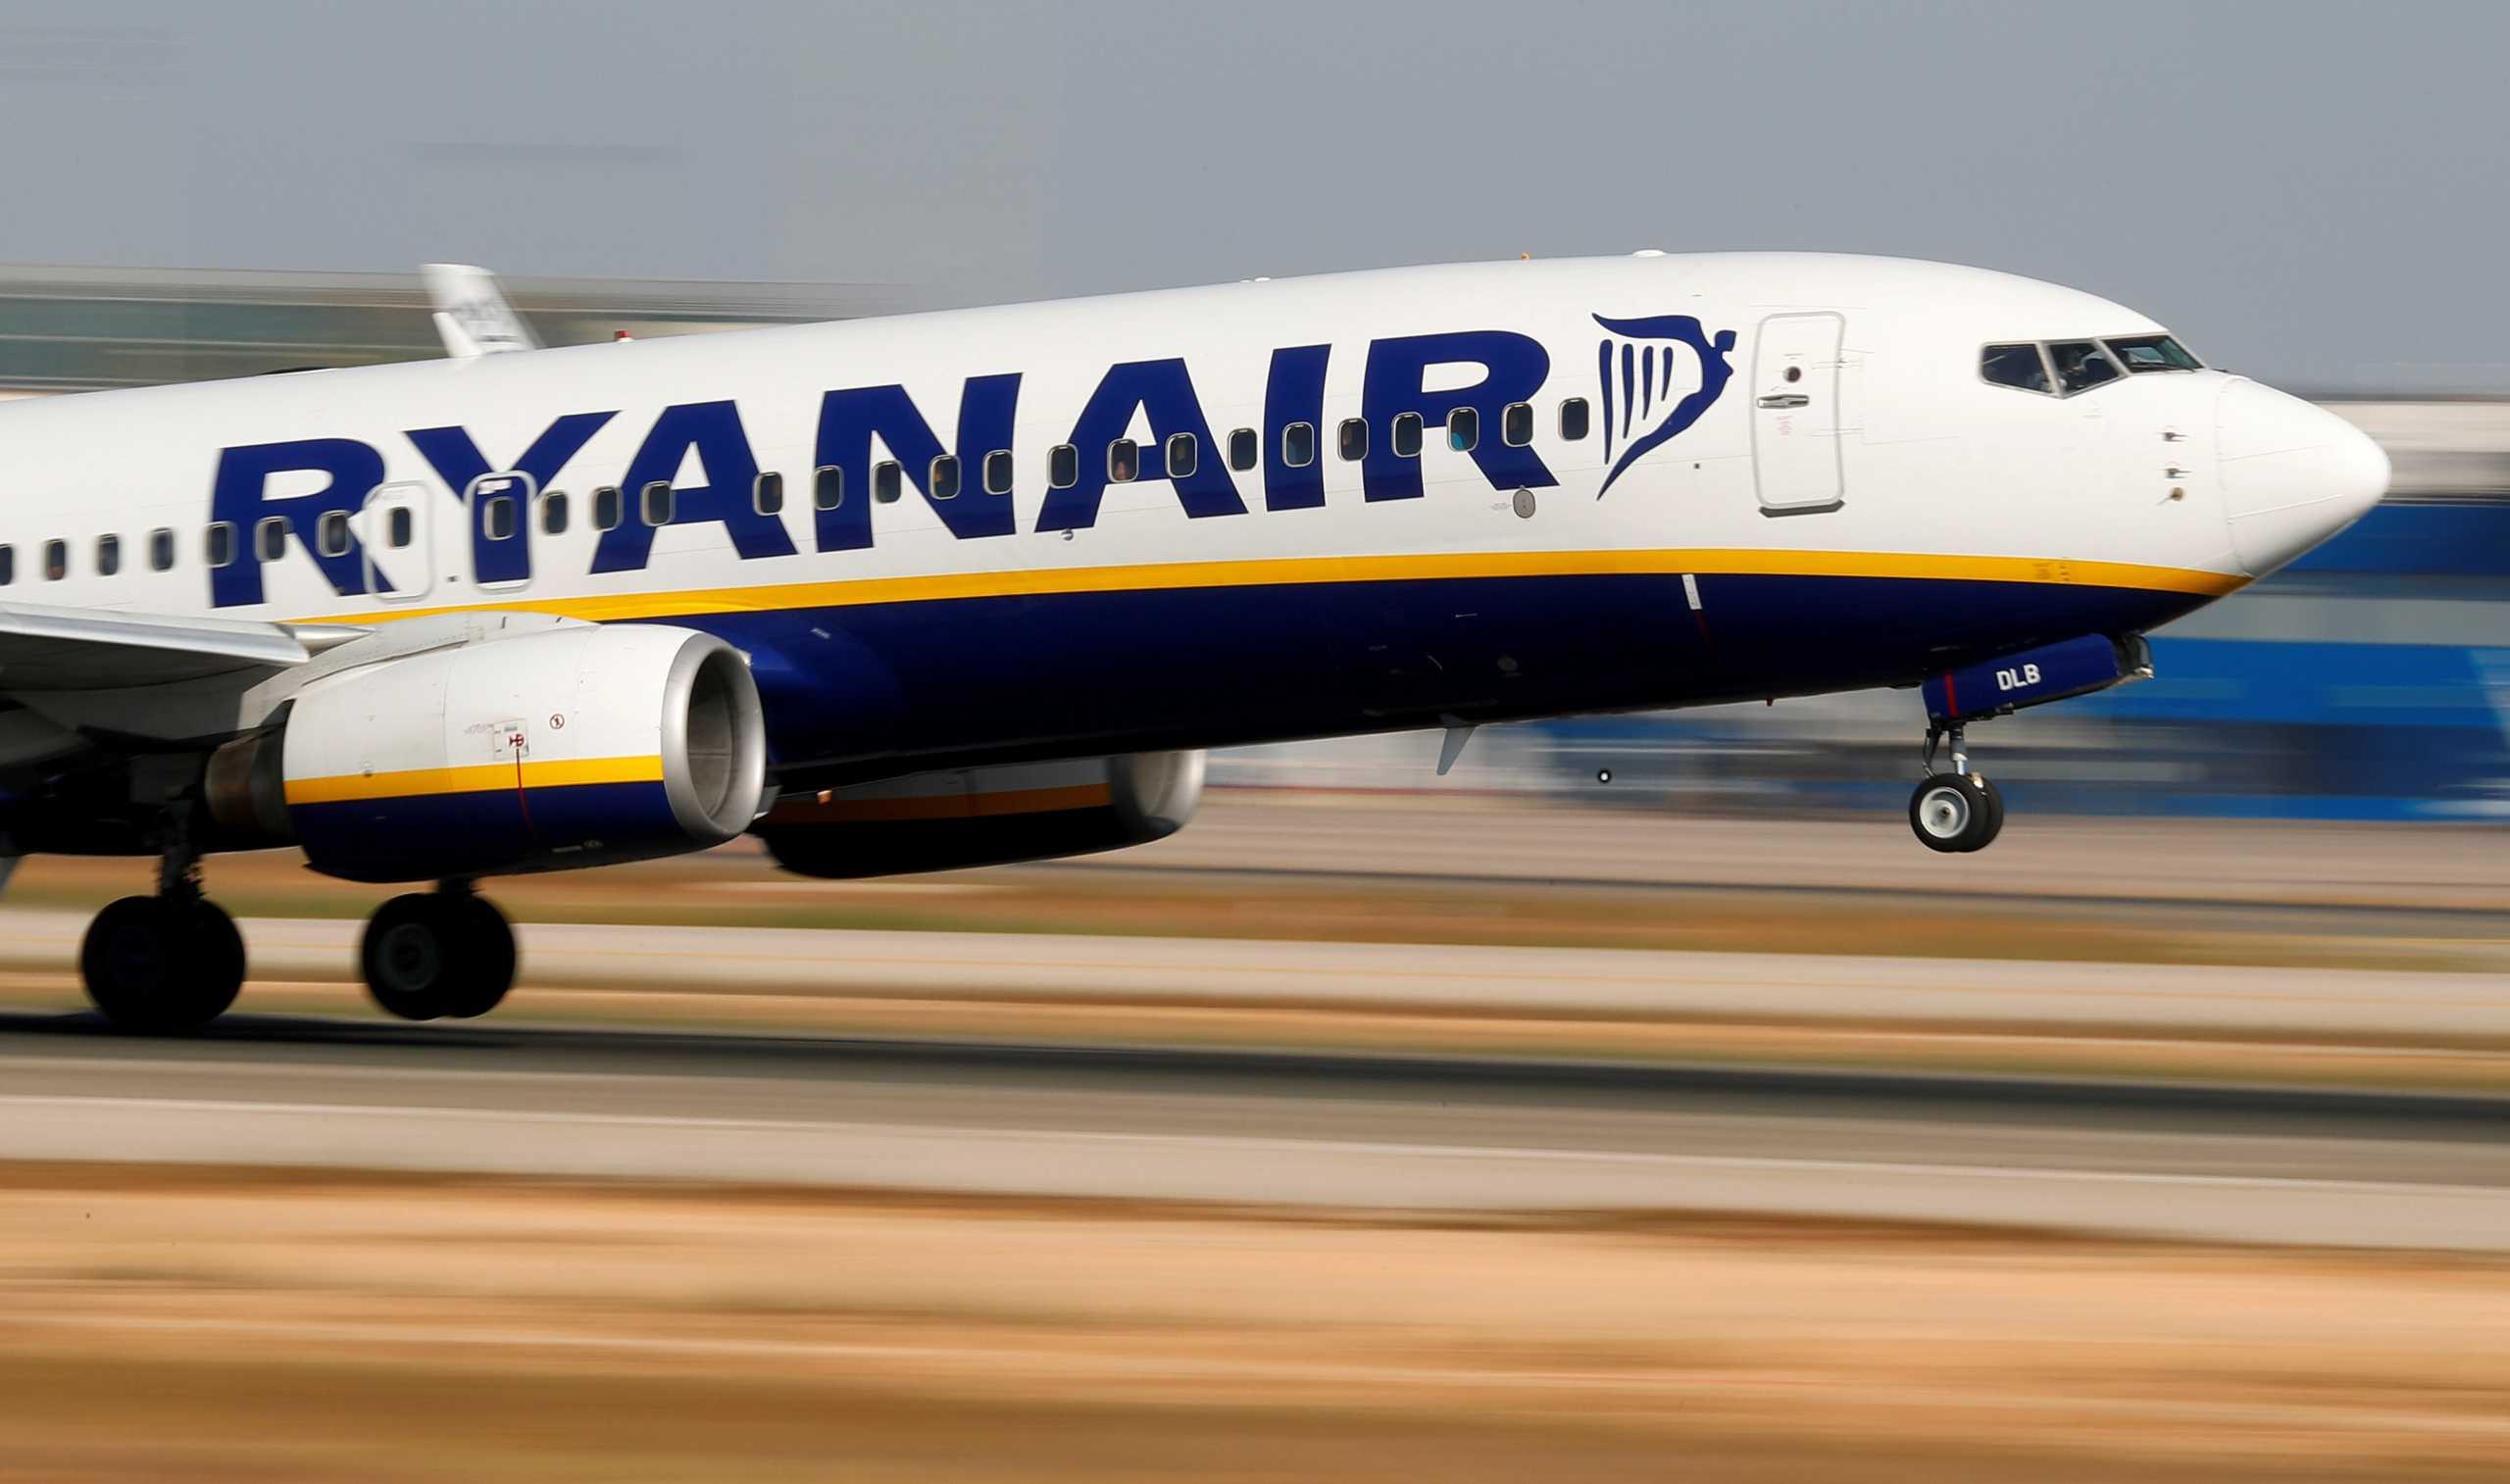 Κορονοϊός: Ryanair και British Airways ακυρώνουν εκατοντάδες πτήσεις